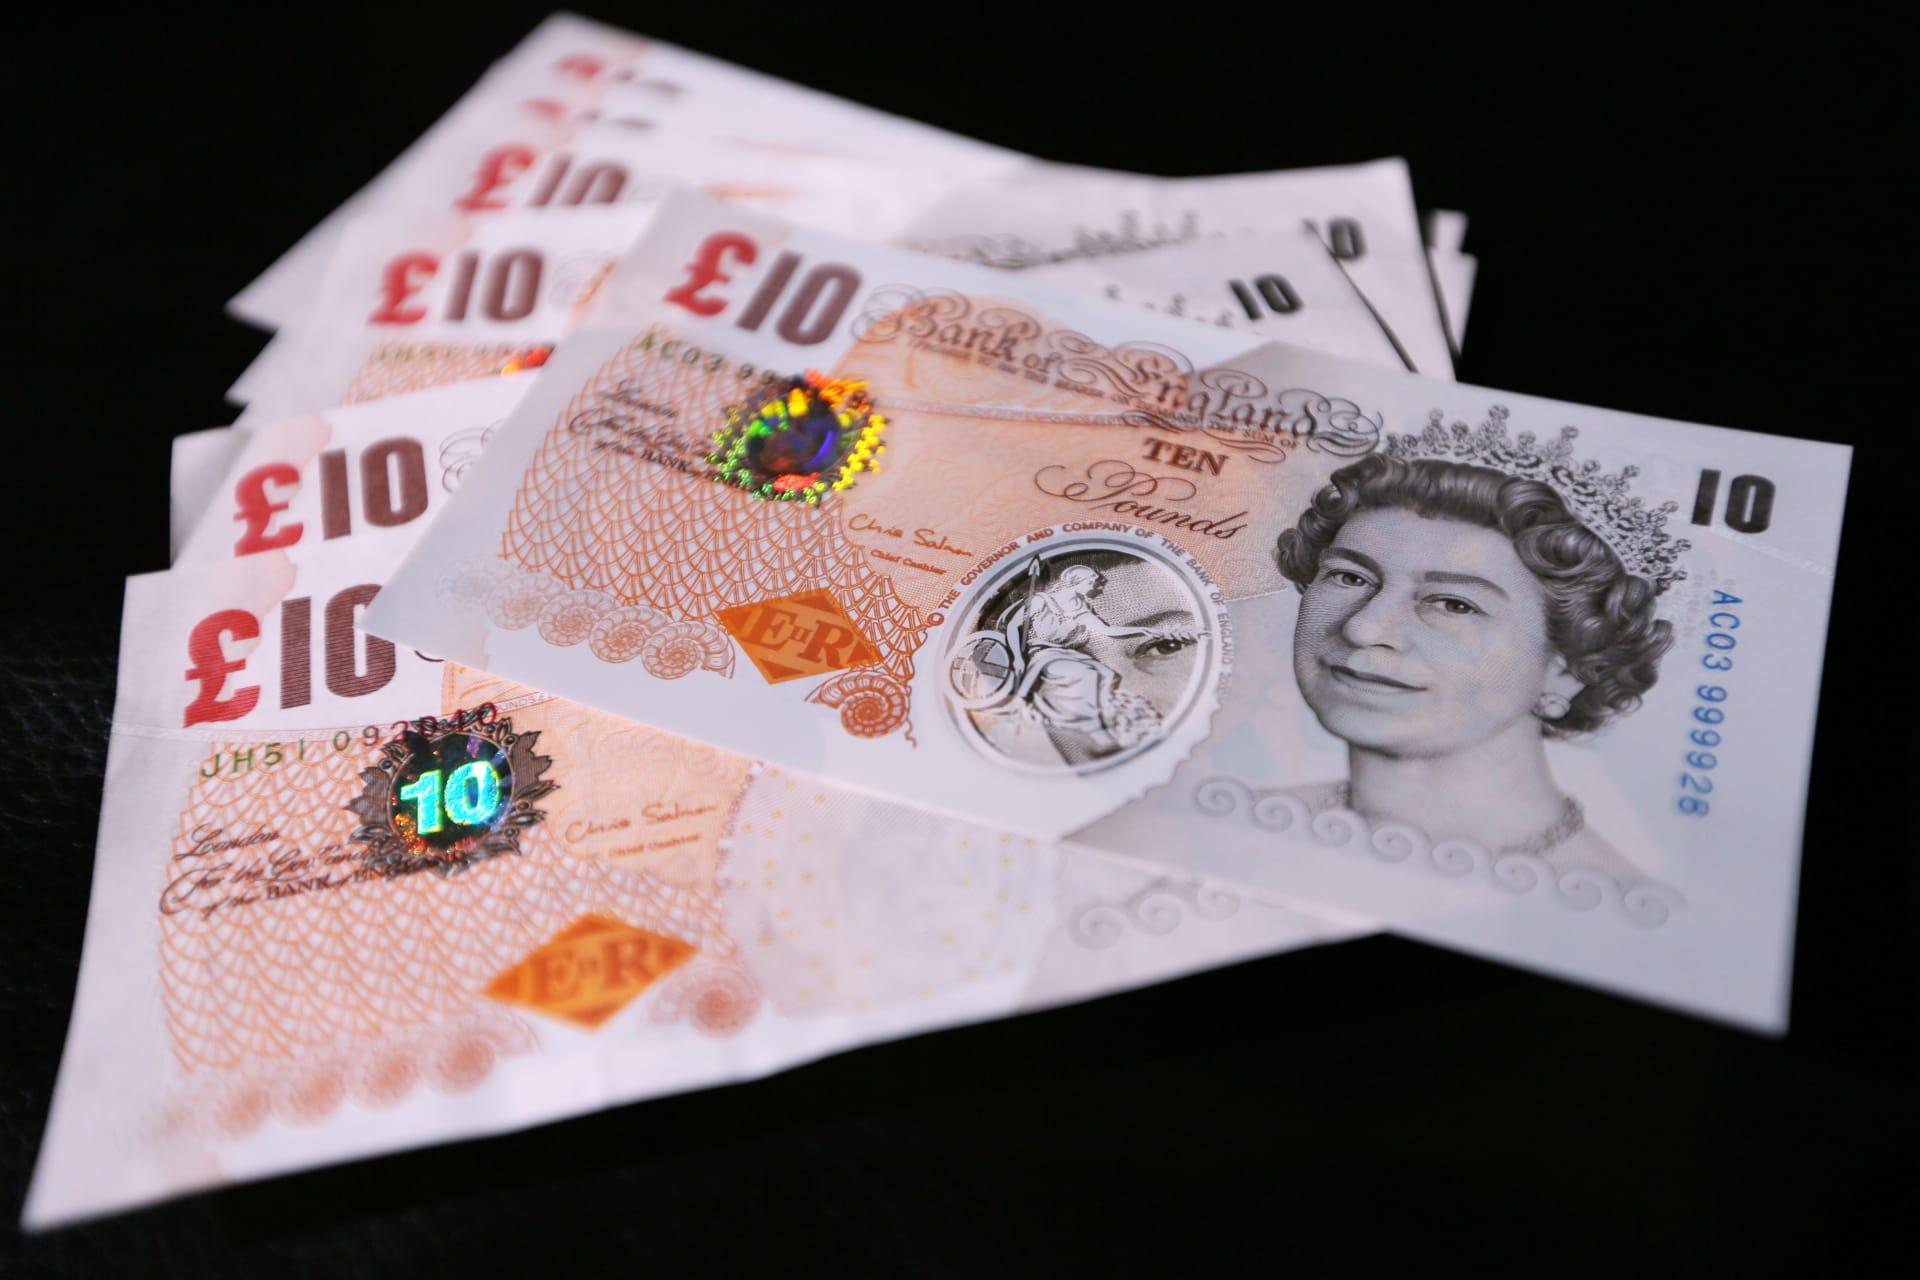 """50 مليار جنيه استرليني من الأوراق النقدية البريطانية """"مفقودة"""".. ولا أحد لديه تفسير"""